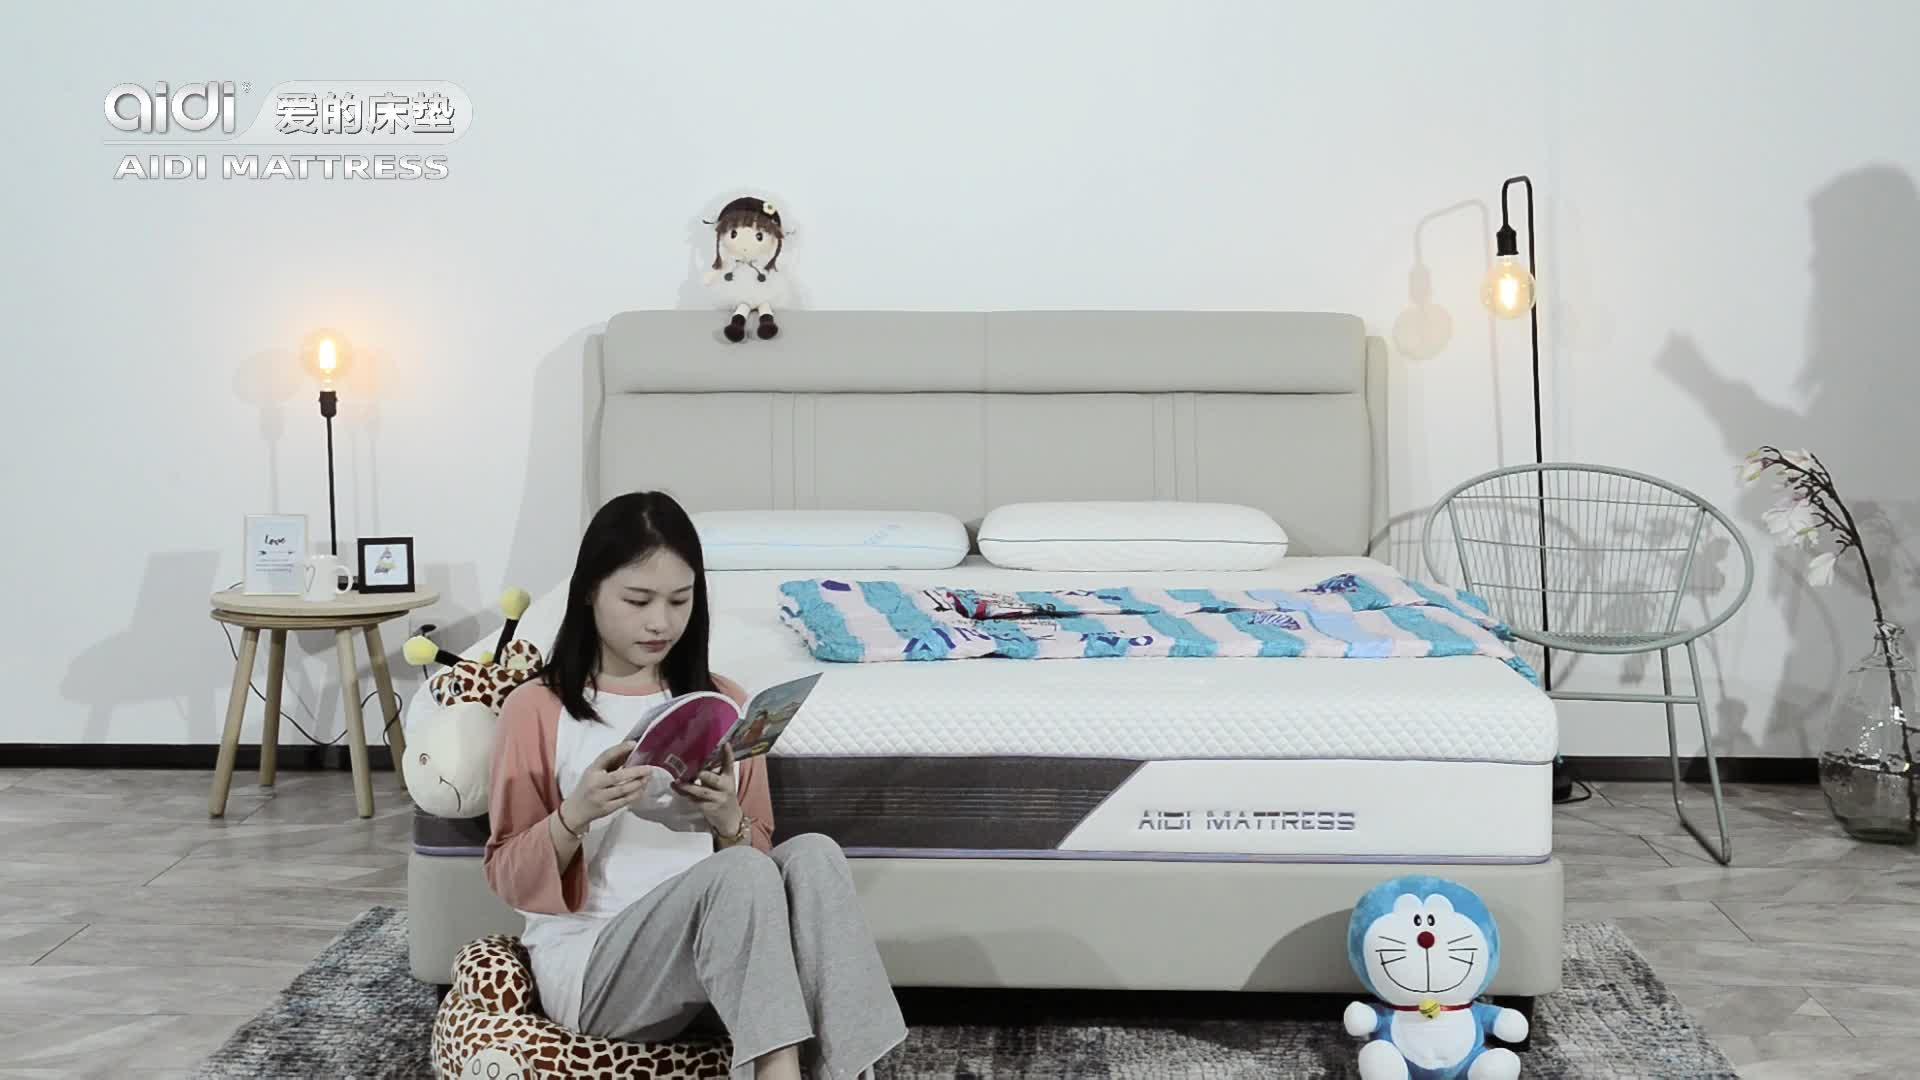 愛ディニット生地卸売 Sleepwell 50 密度泡クイーンサイズのマットレスと枕トップ大人のための夢マットレス価格